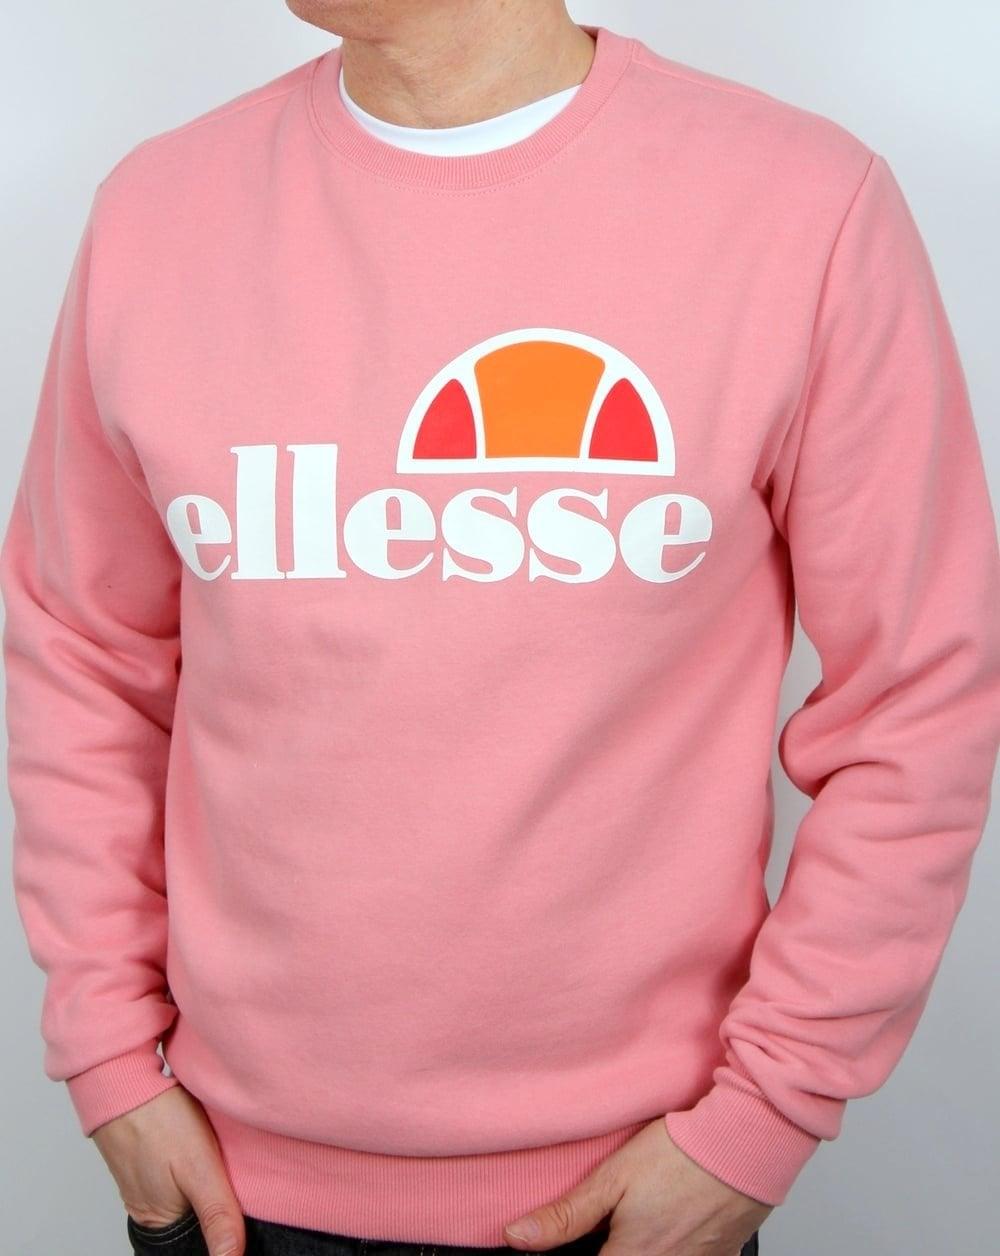 f54e2369 Ellesse Succiso Sweatshirt Candy Pink,Men's,Jumper,Cotton,Top,Knit